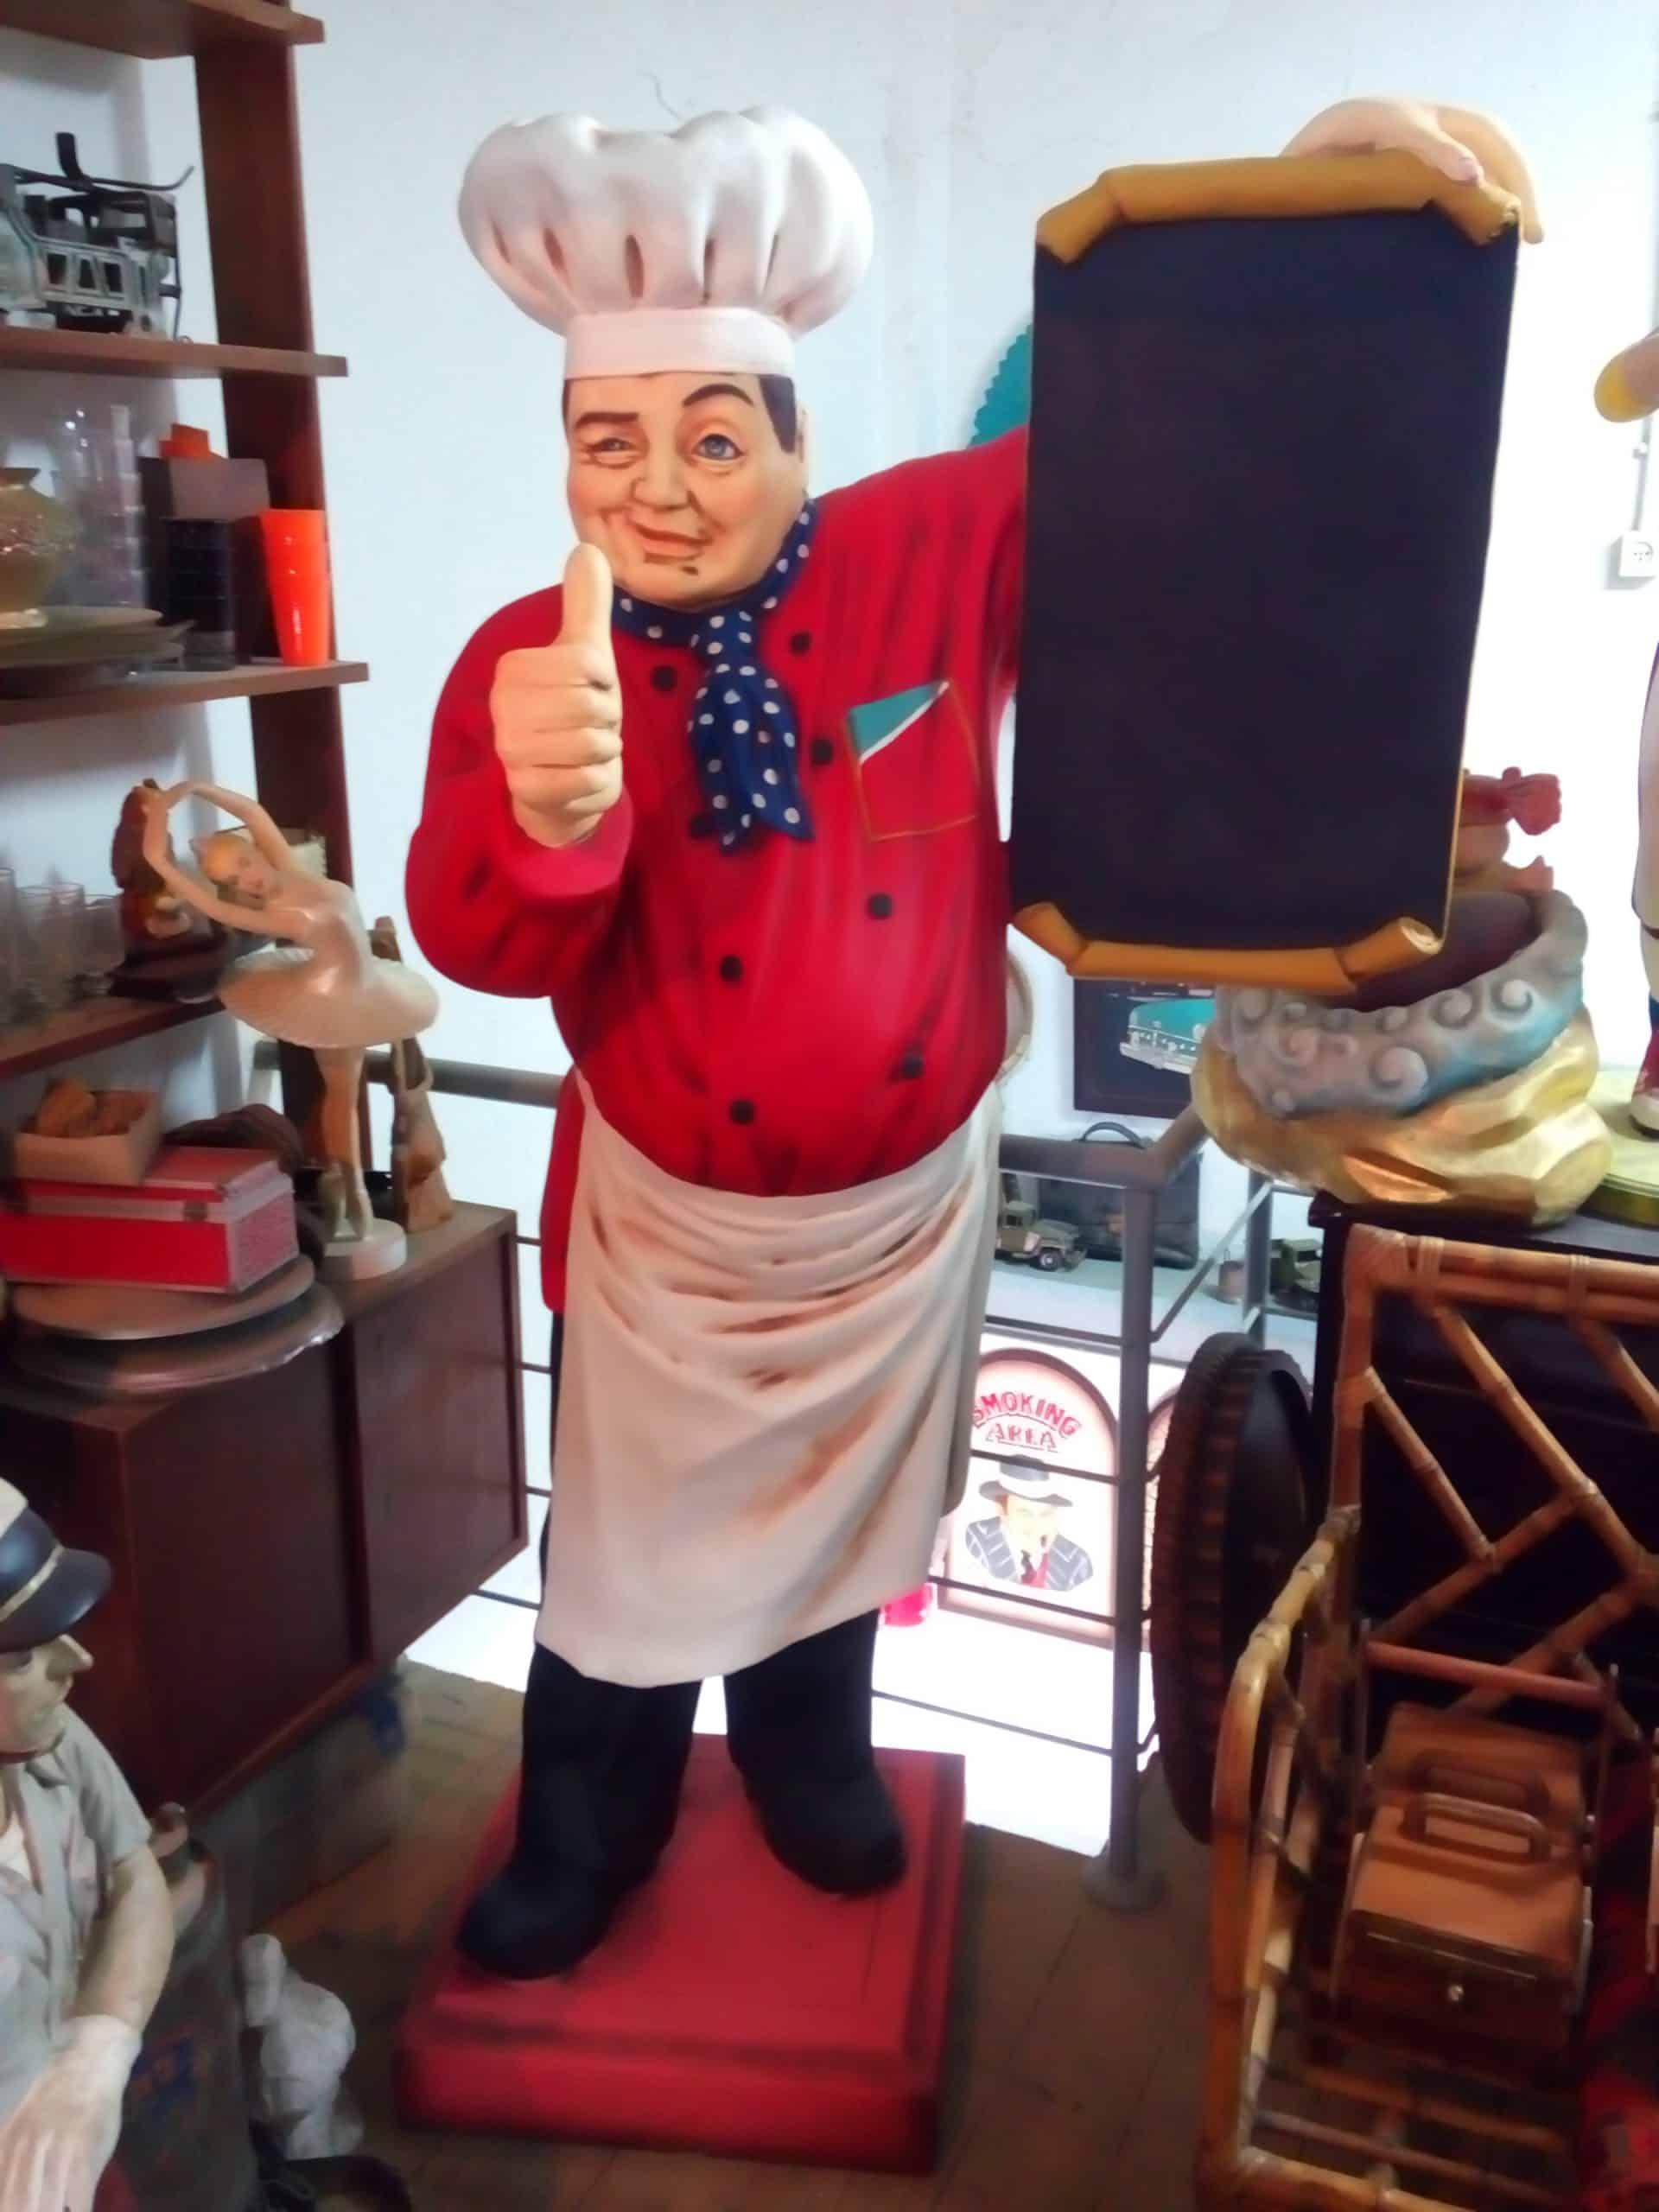 פסל טבח עם תפריט